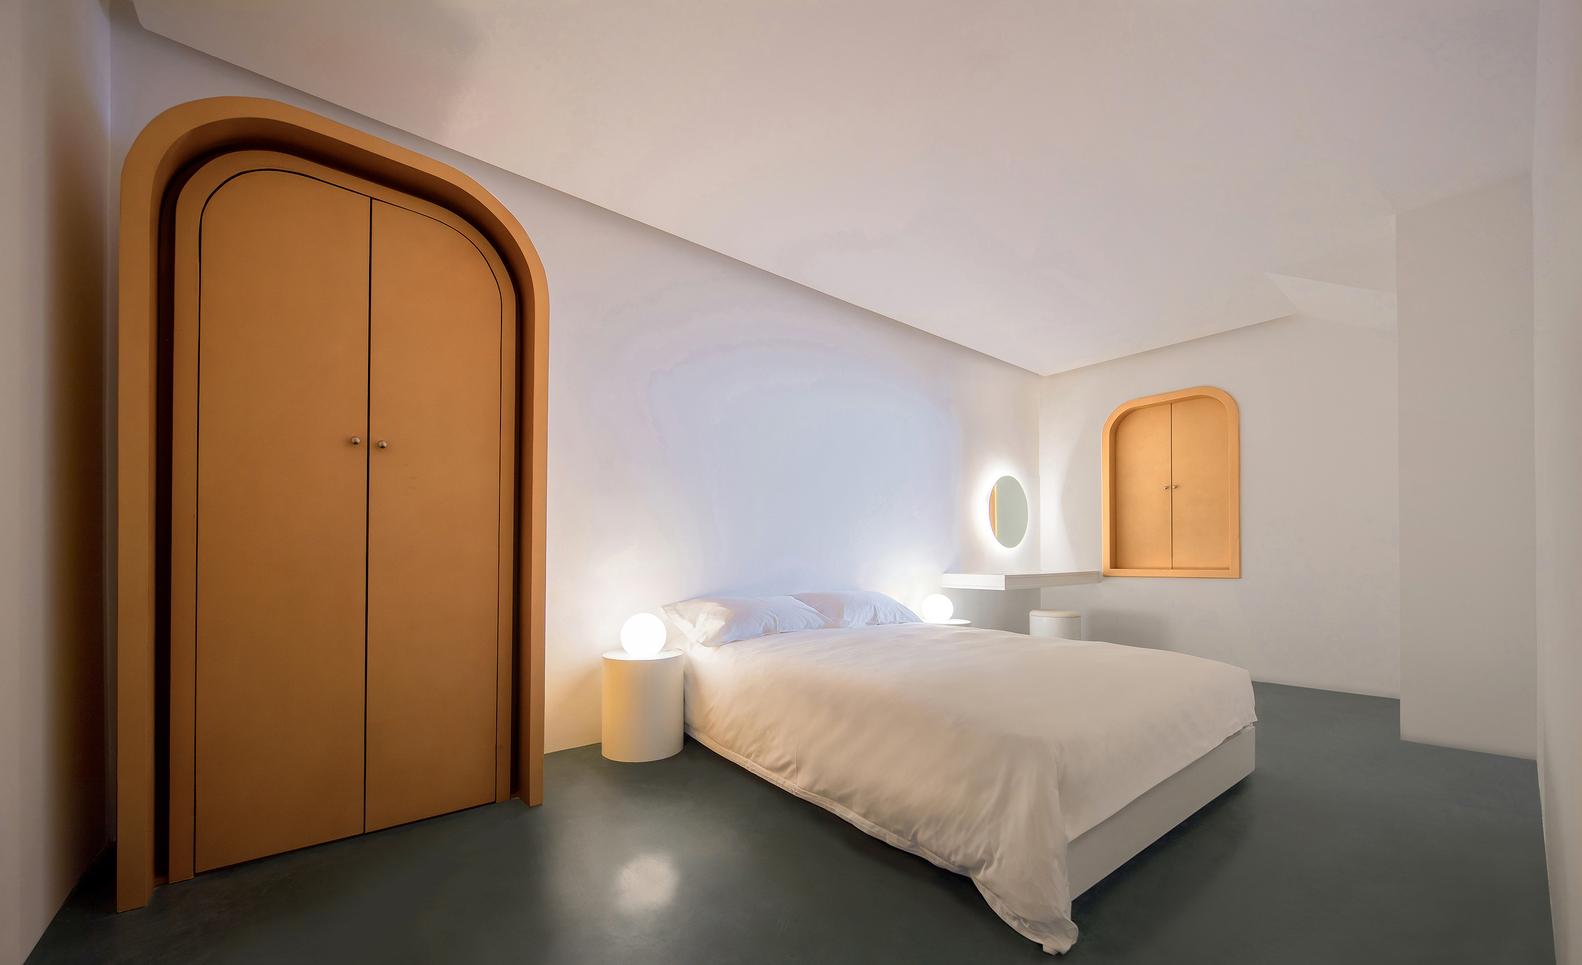 طراحی یک مهمانخانه با تاثیرپذیری از آثار M.C. Escher